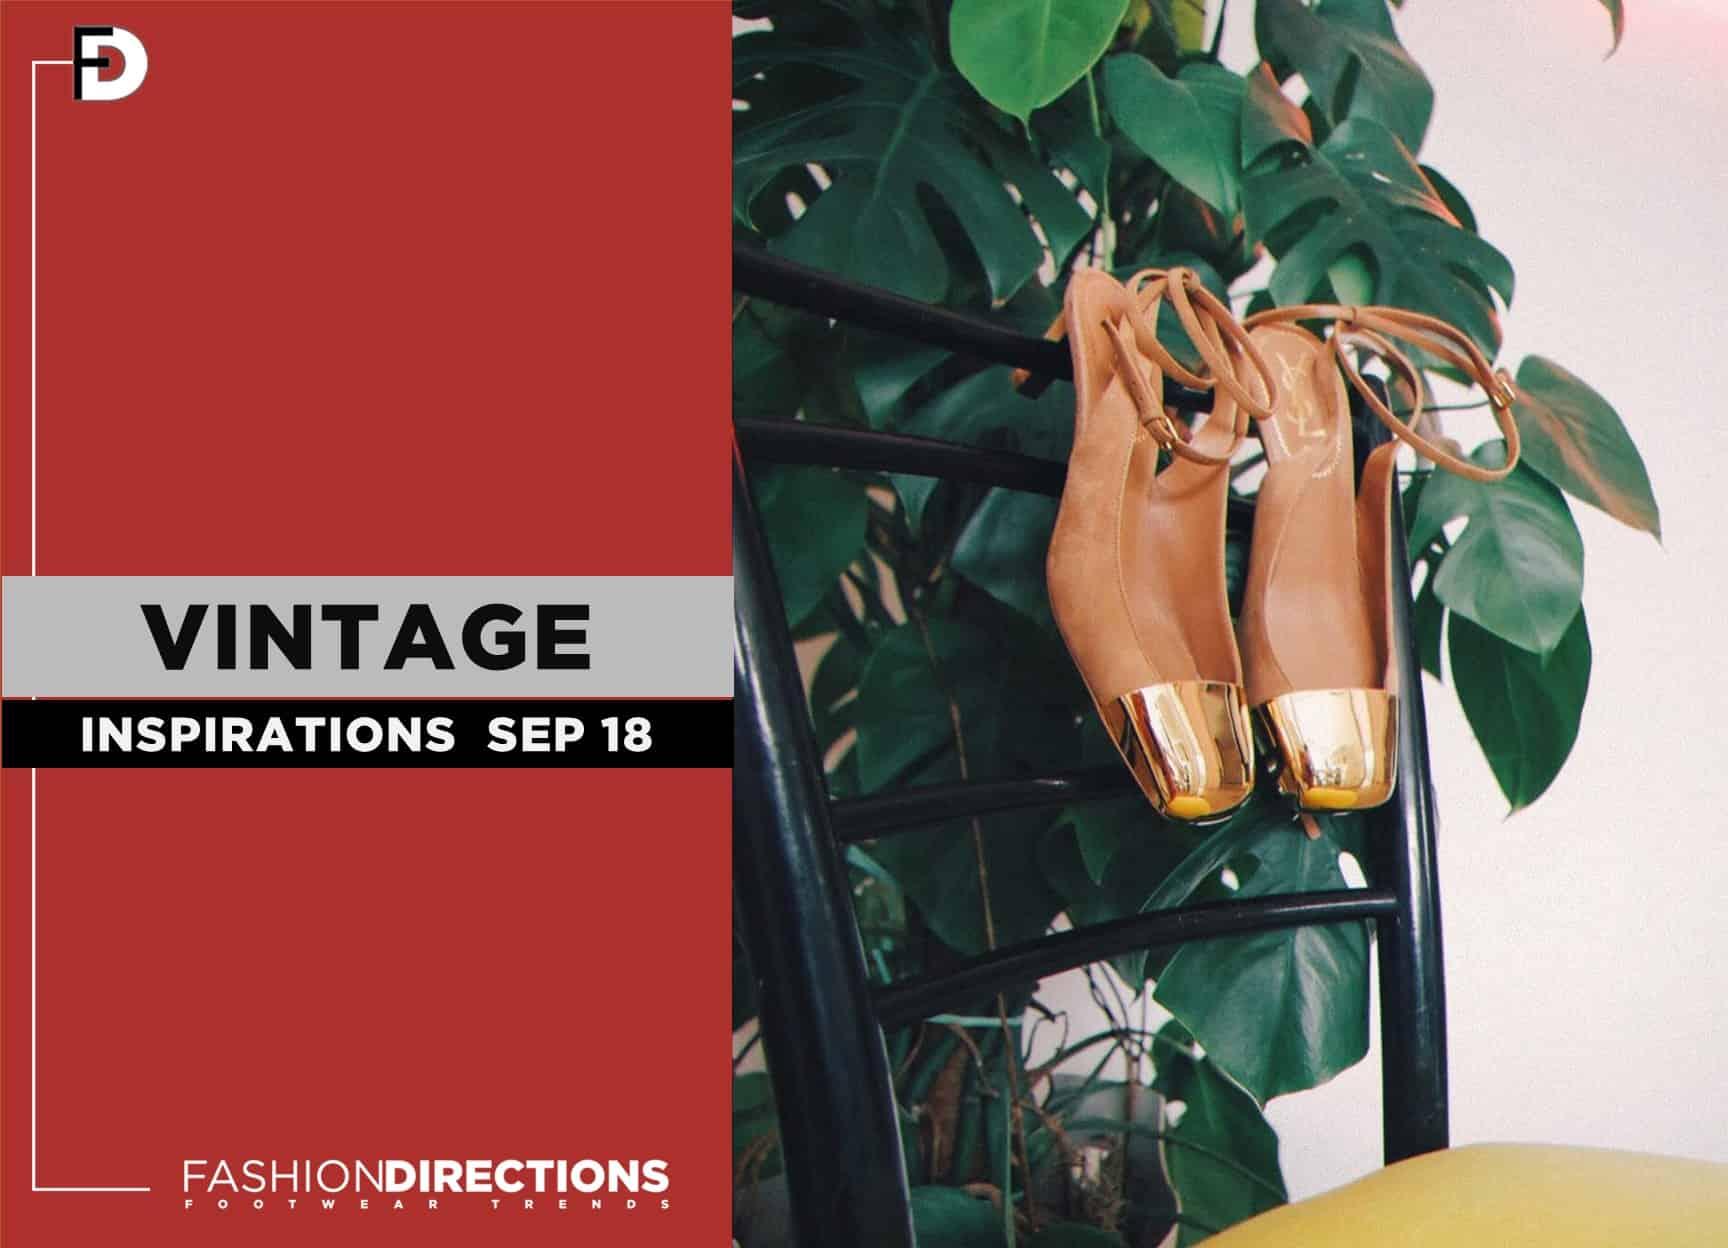 vintage shoes inspiration 2018